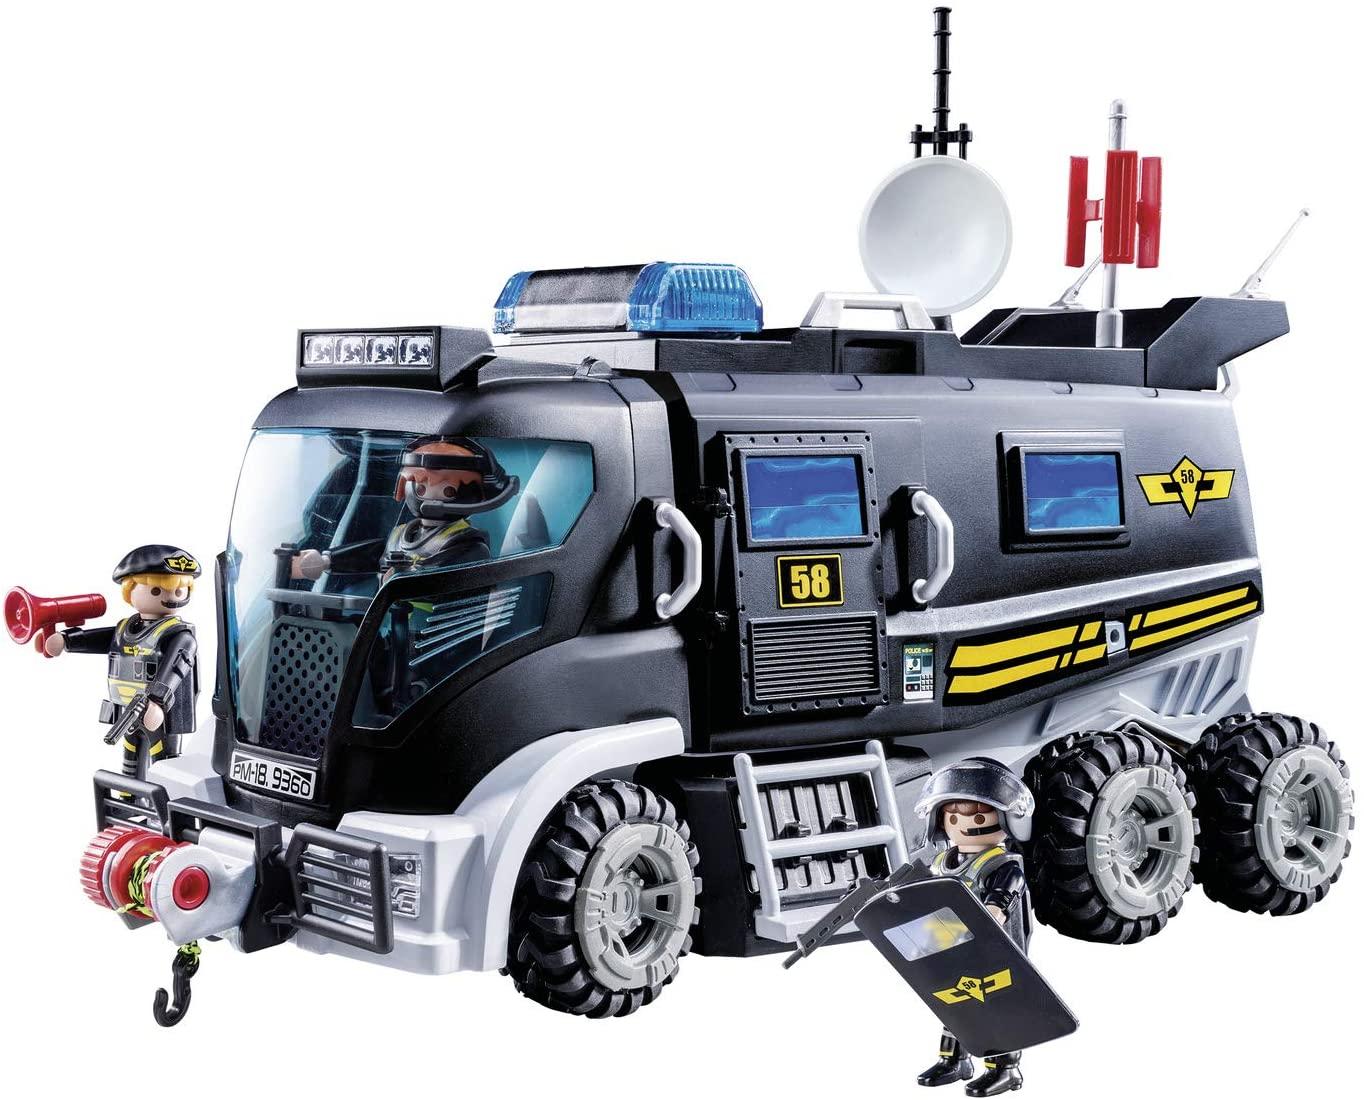 Vehículo Playmobil luces y sonido solo 34.2€